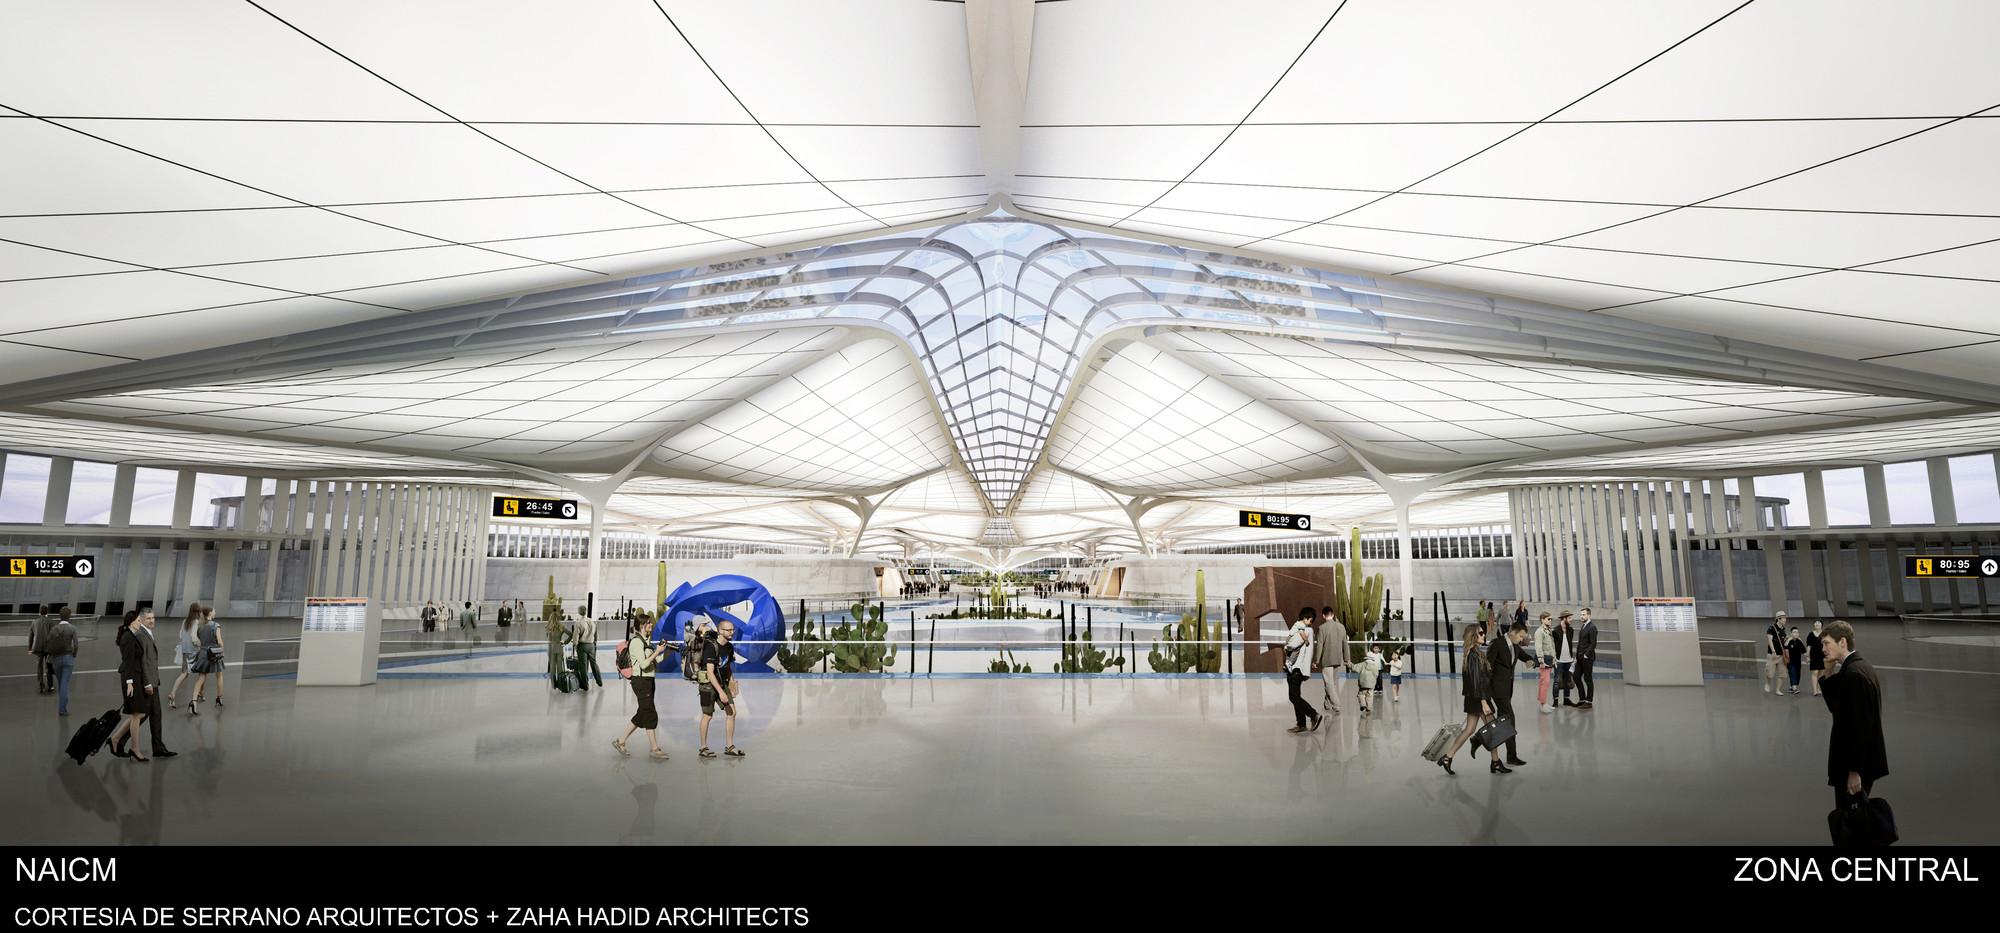 Cortesia de Serrano Arquitectos + Zaha Hadid Architects